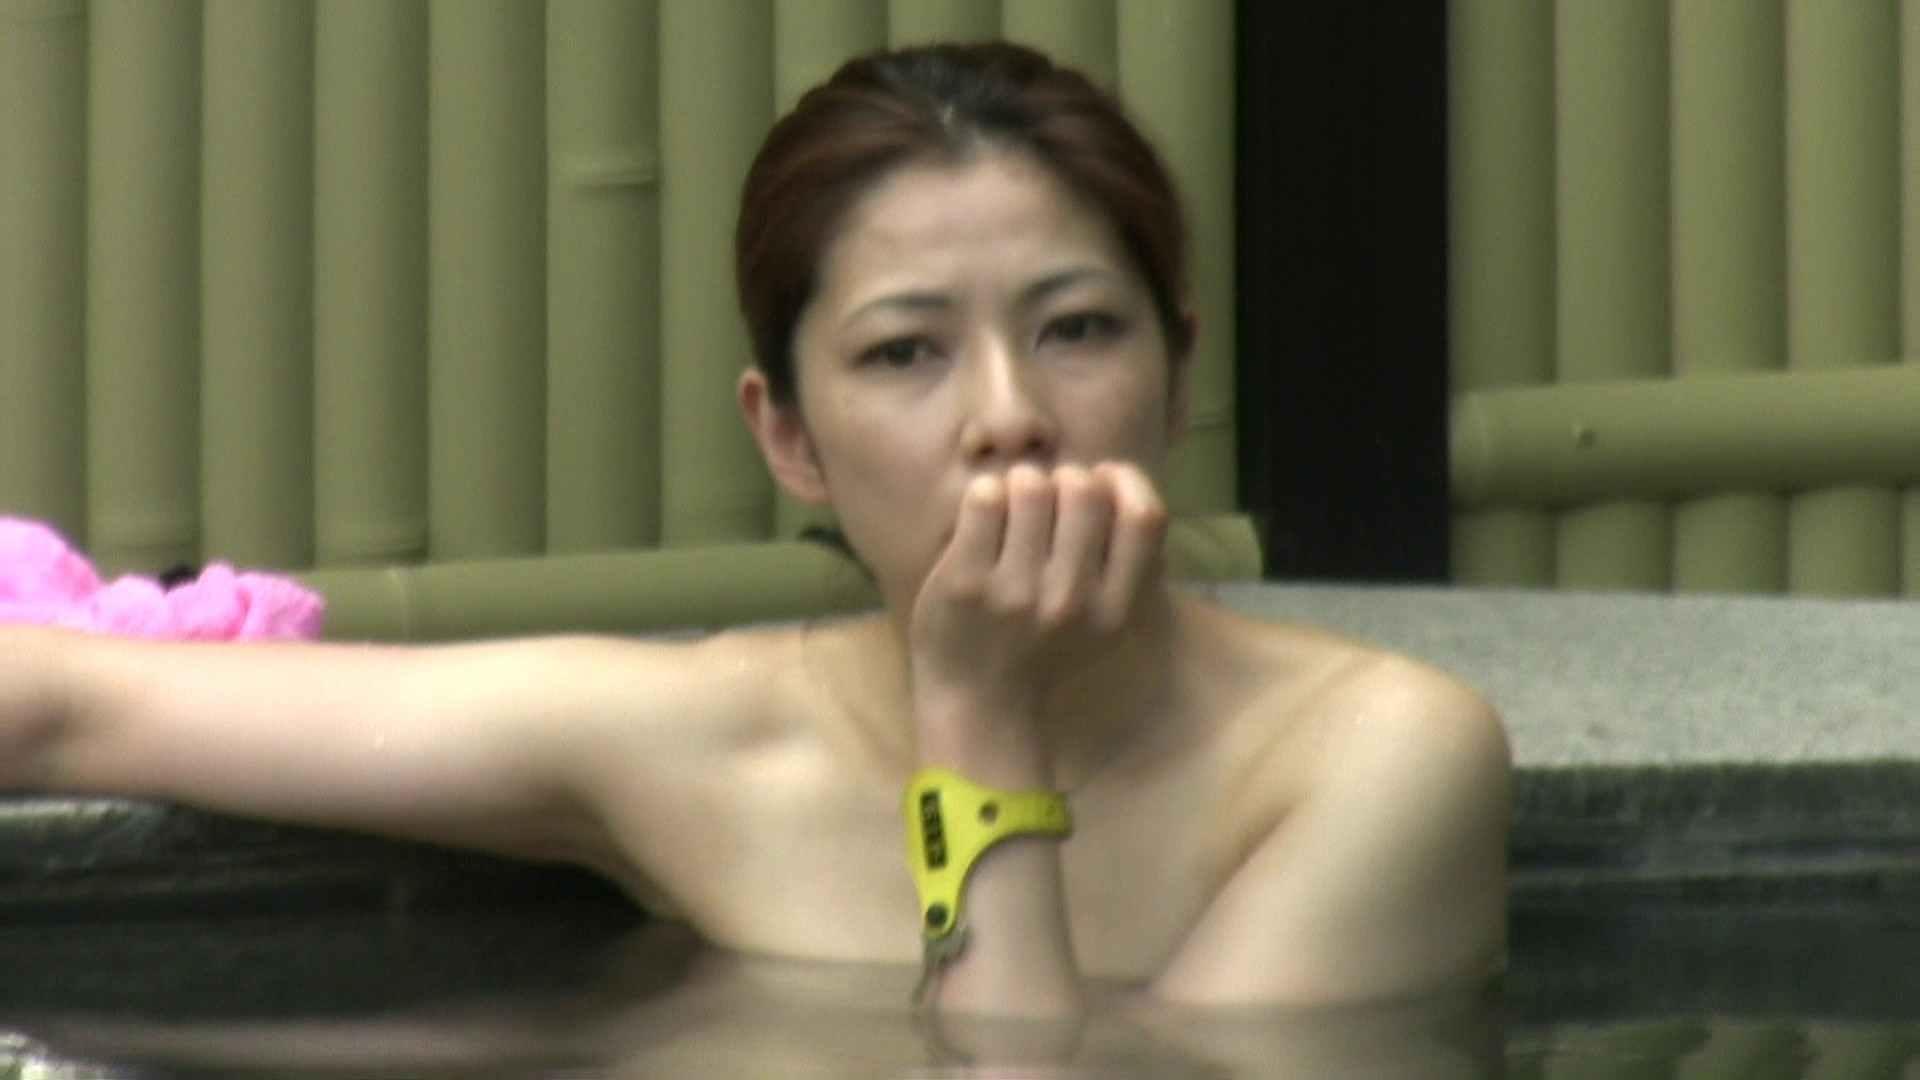 Aquaな露天風呂Vol.660 露天 | 盗撮  102pic 51